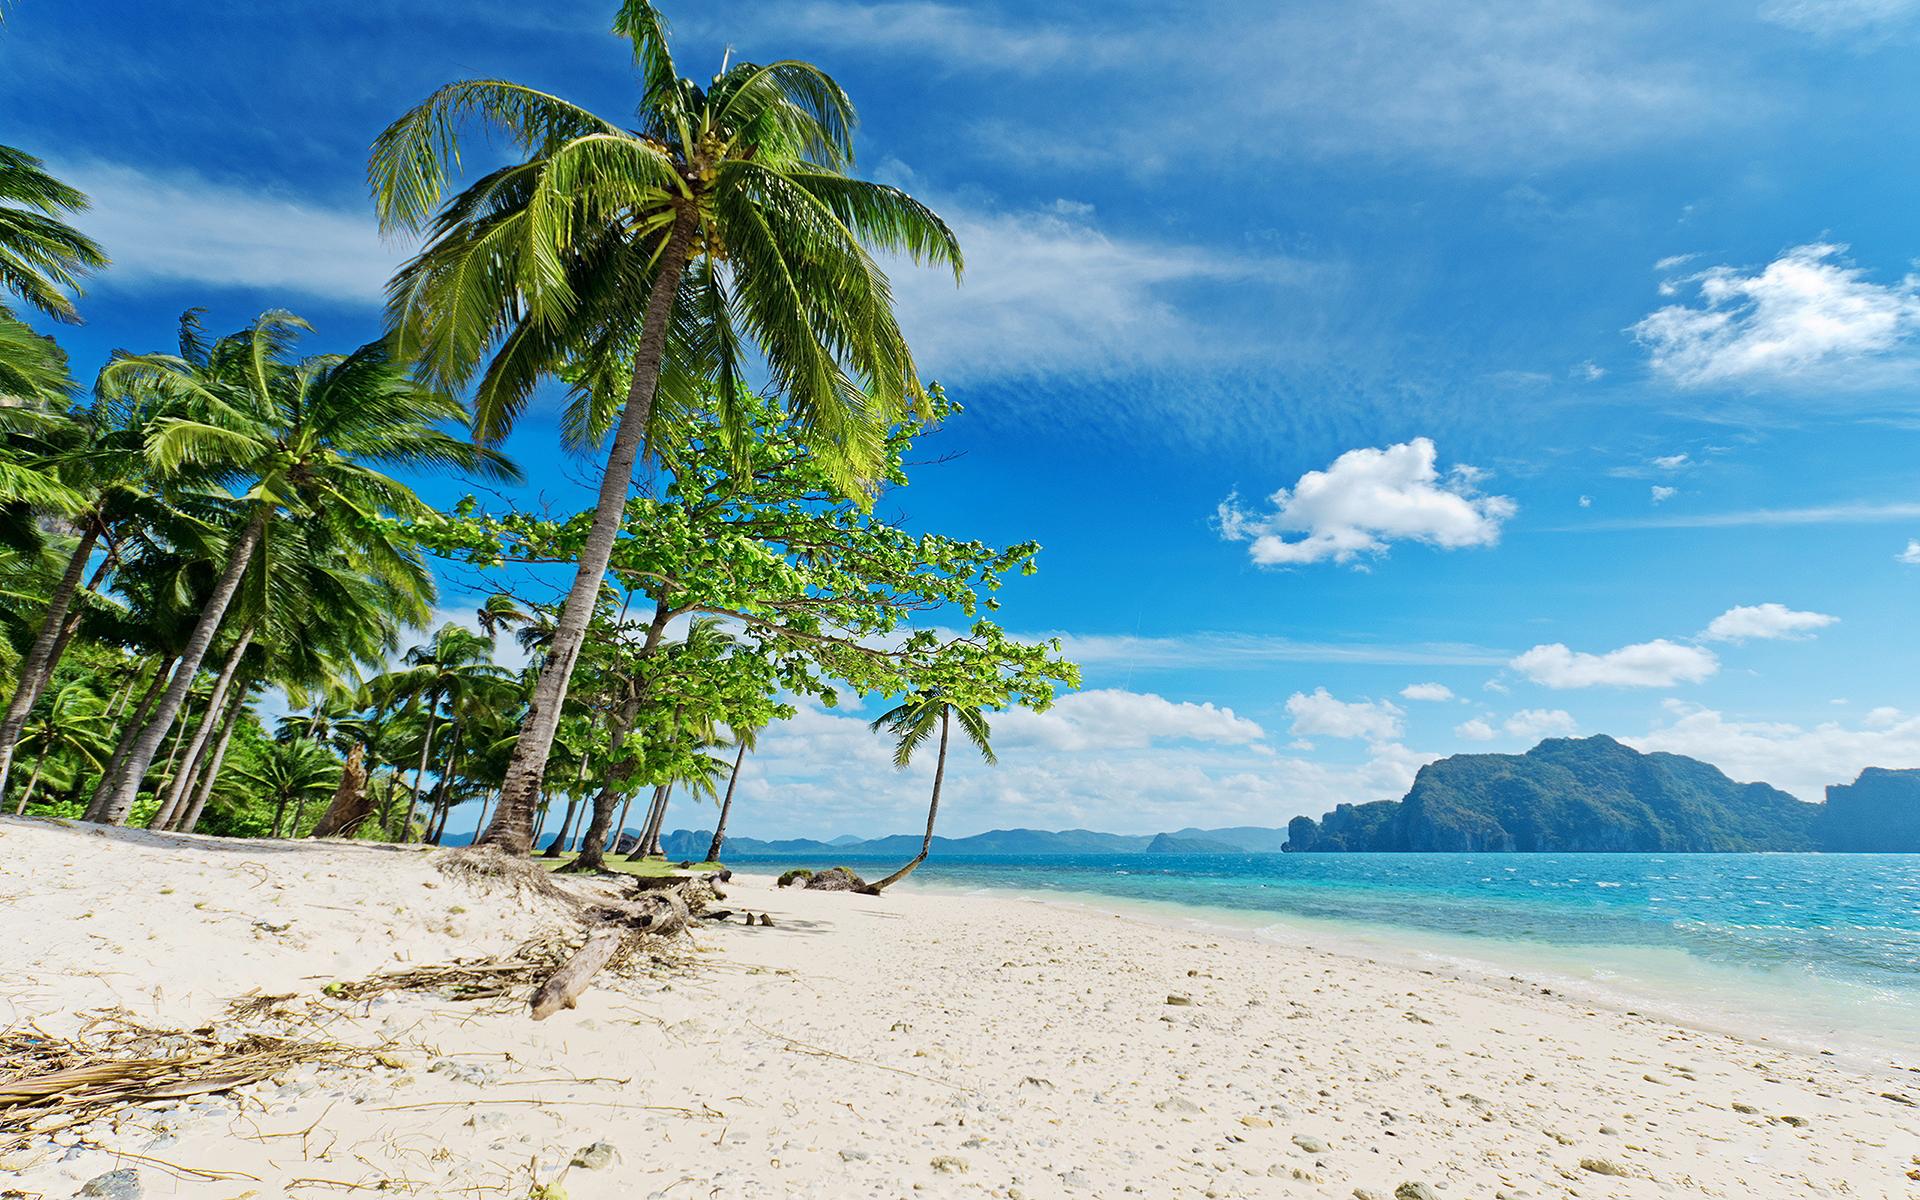 Sunny tropical beach palms